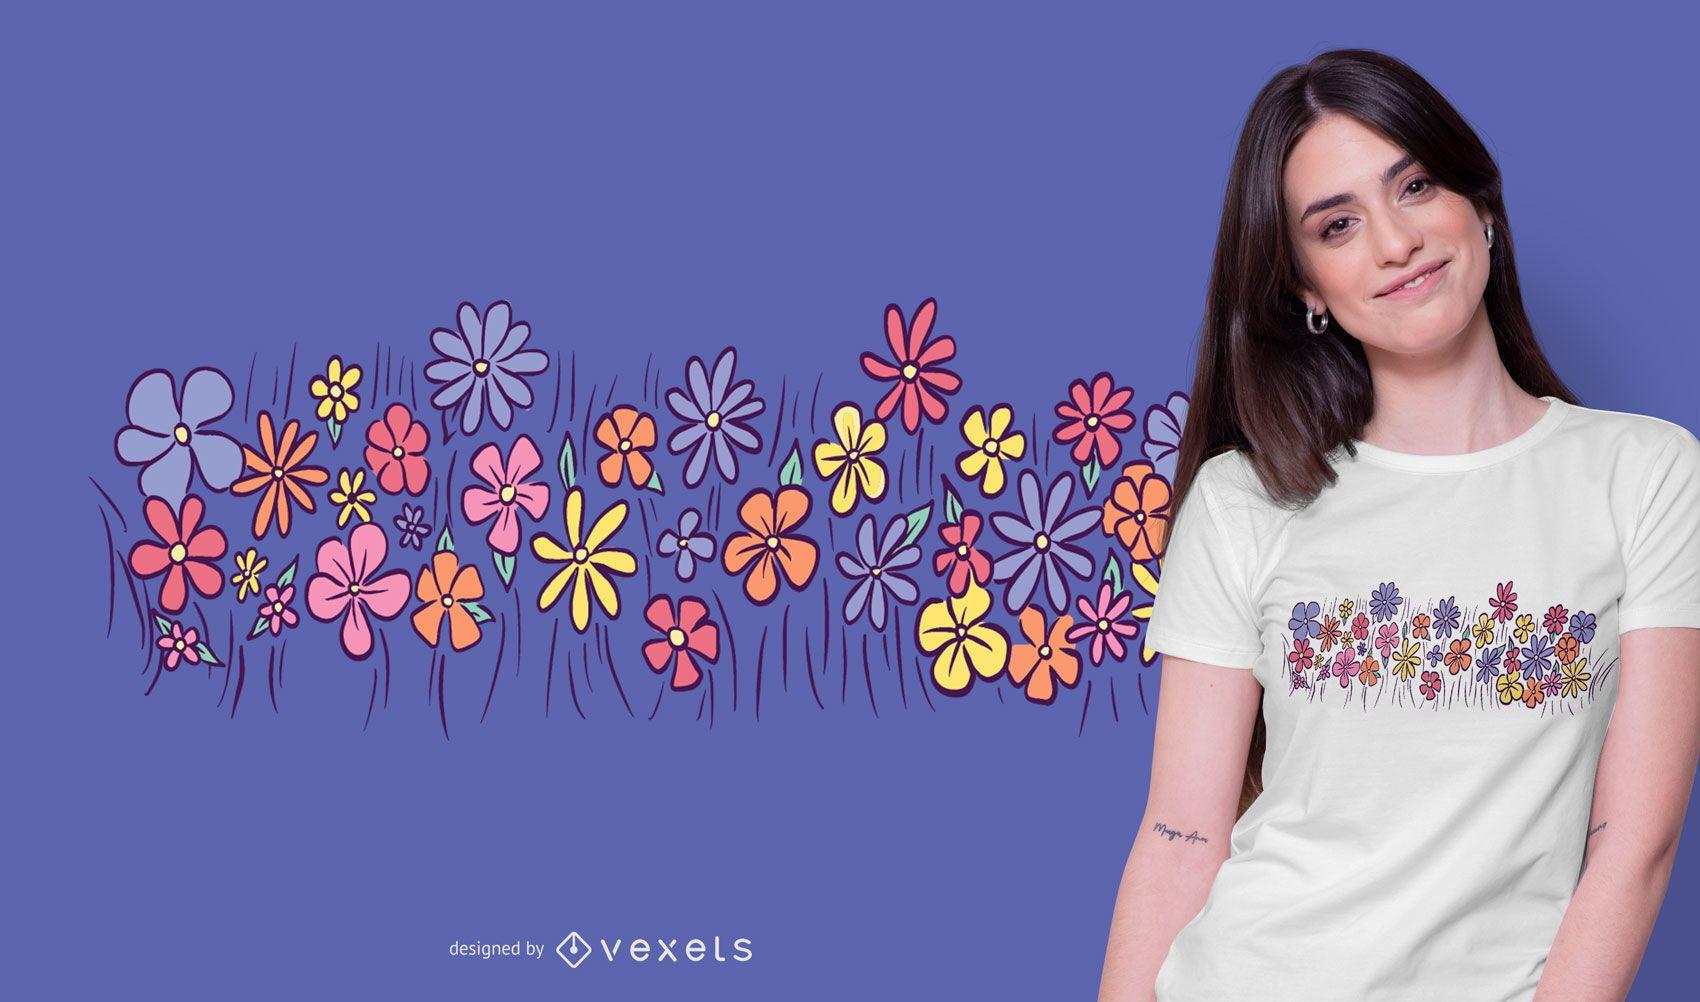 Dise?o de camiseta Doodle Flowers